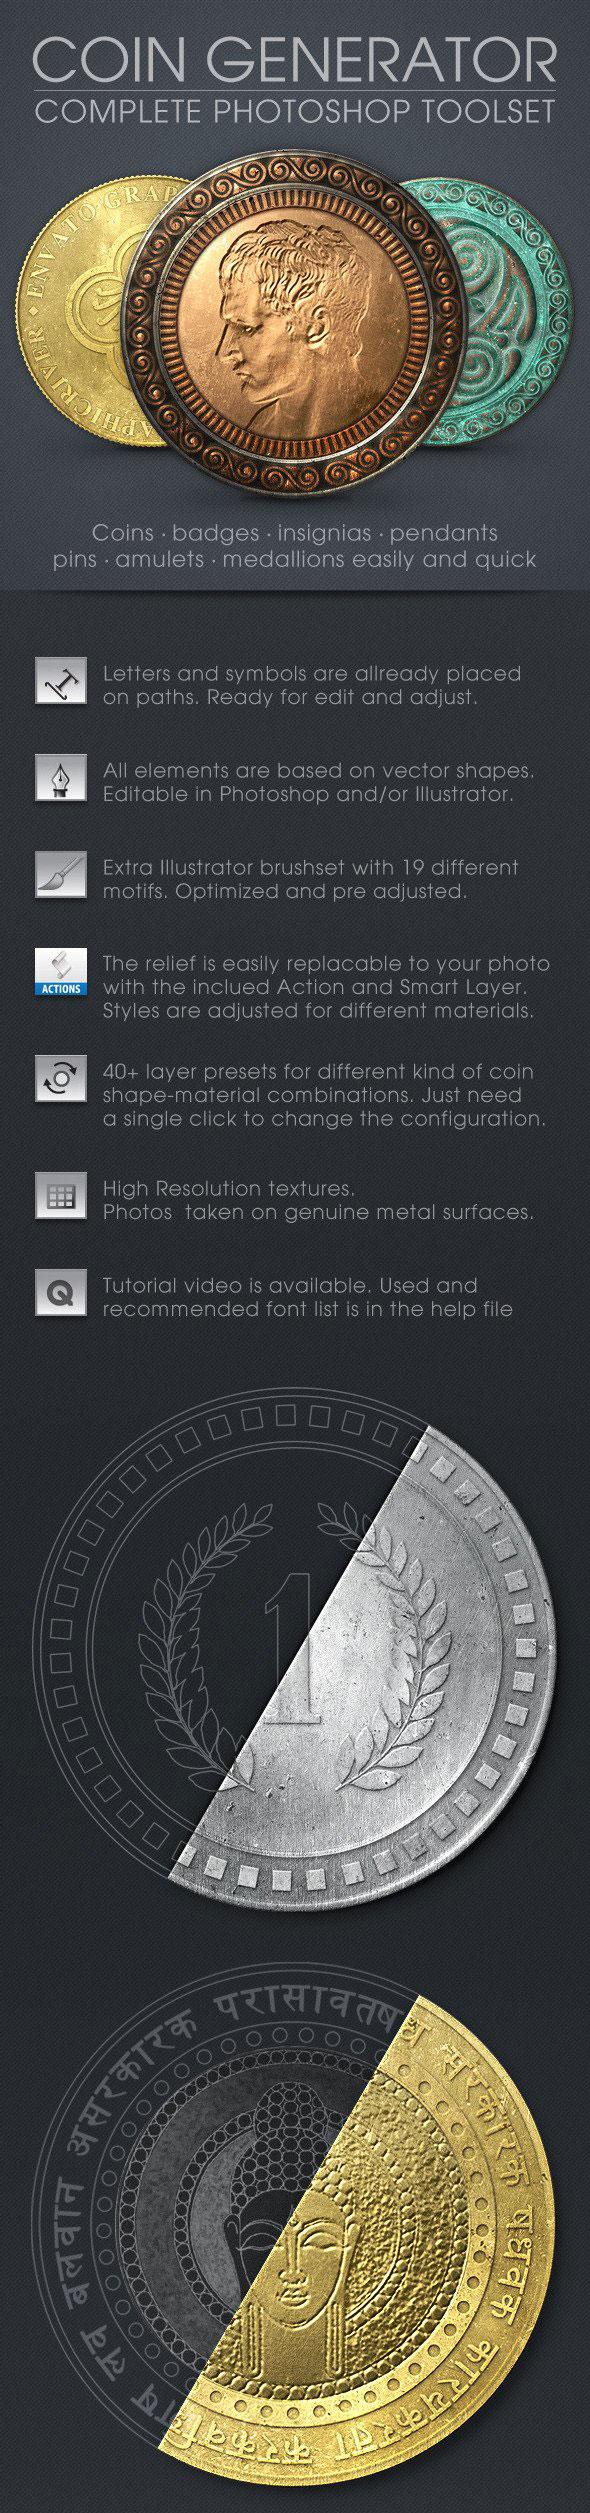 硬币完美特效生成文件下载[PSD]